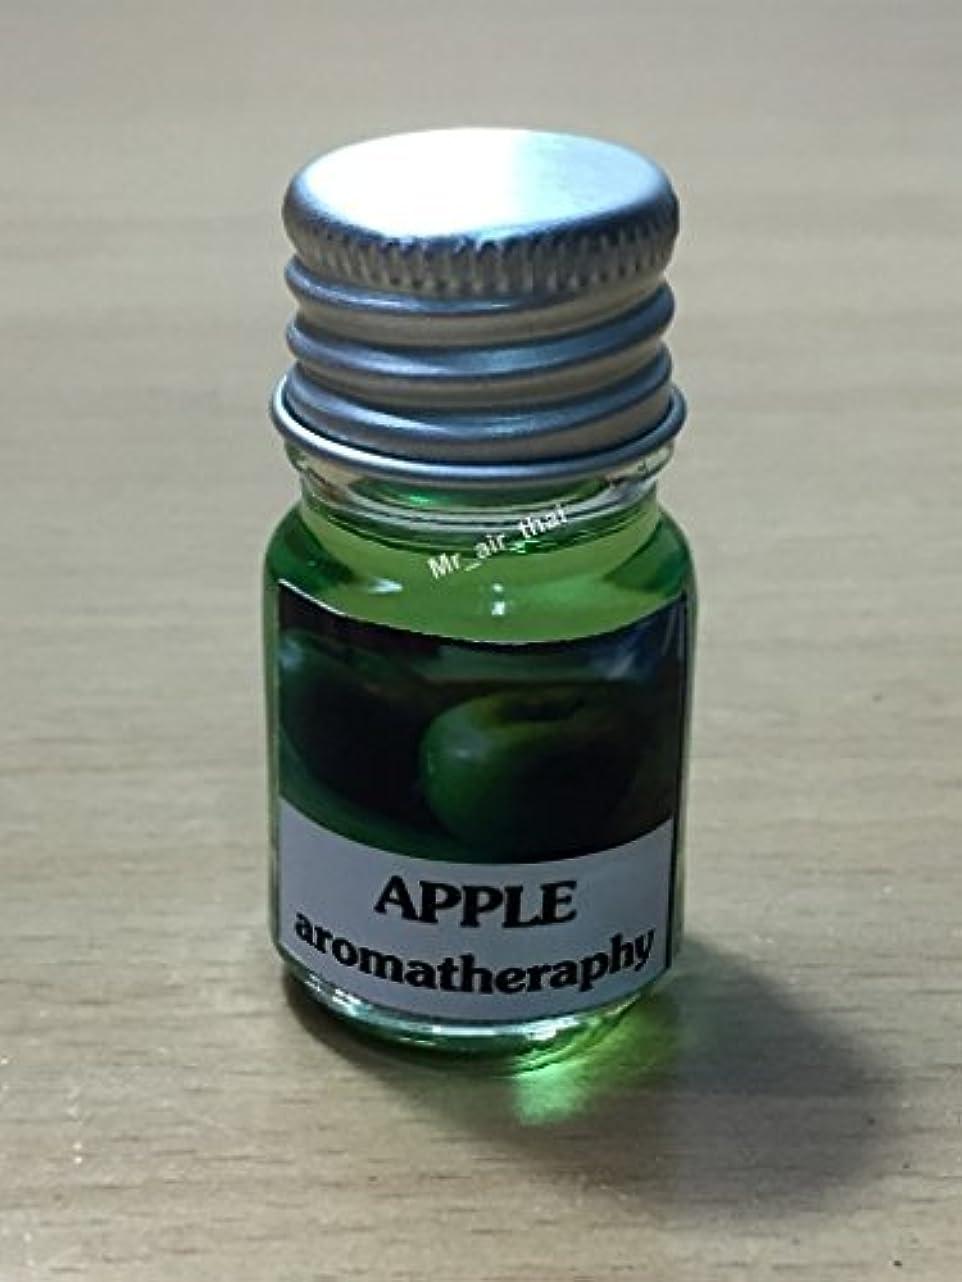 インク取り扱い素晴らしい5ミリリットルアロマアップル(グリーン)フランクインセンスエッセンシャルオイルボトルアロマテラピーオイル自然自然5ml Aroma Apple (Green) Frankincense Essential Oil Bottles...